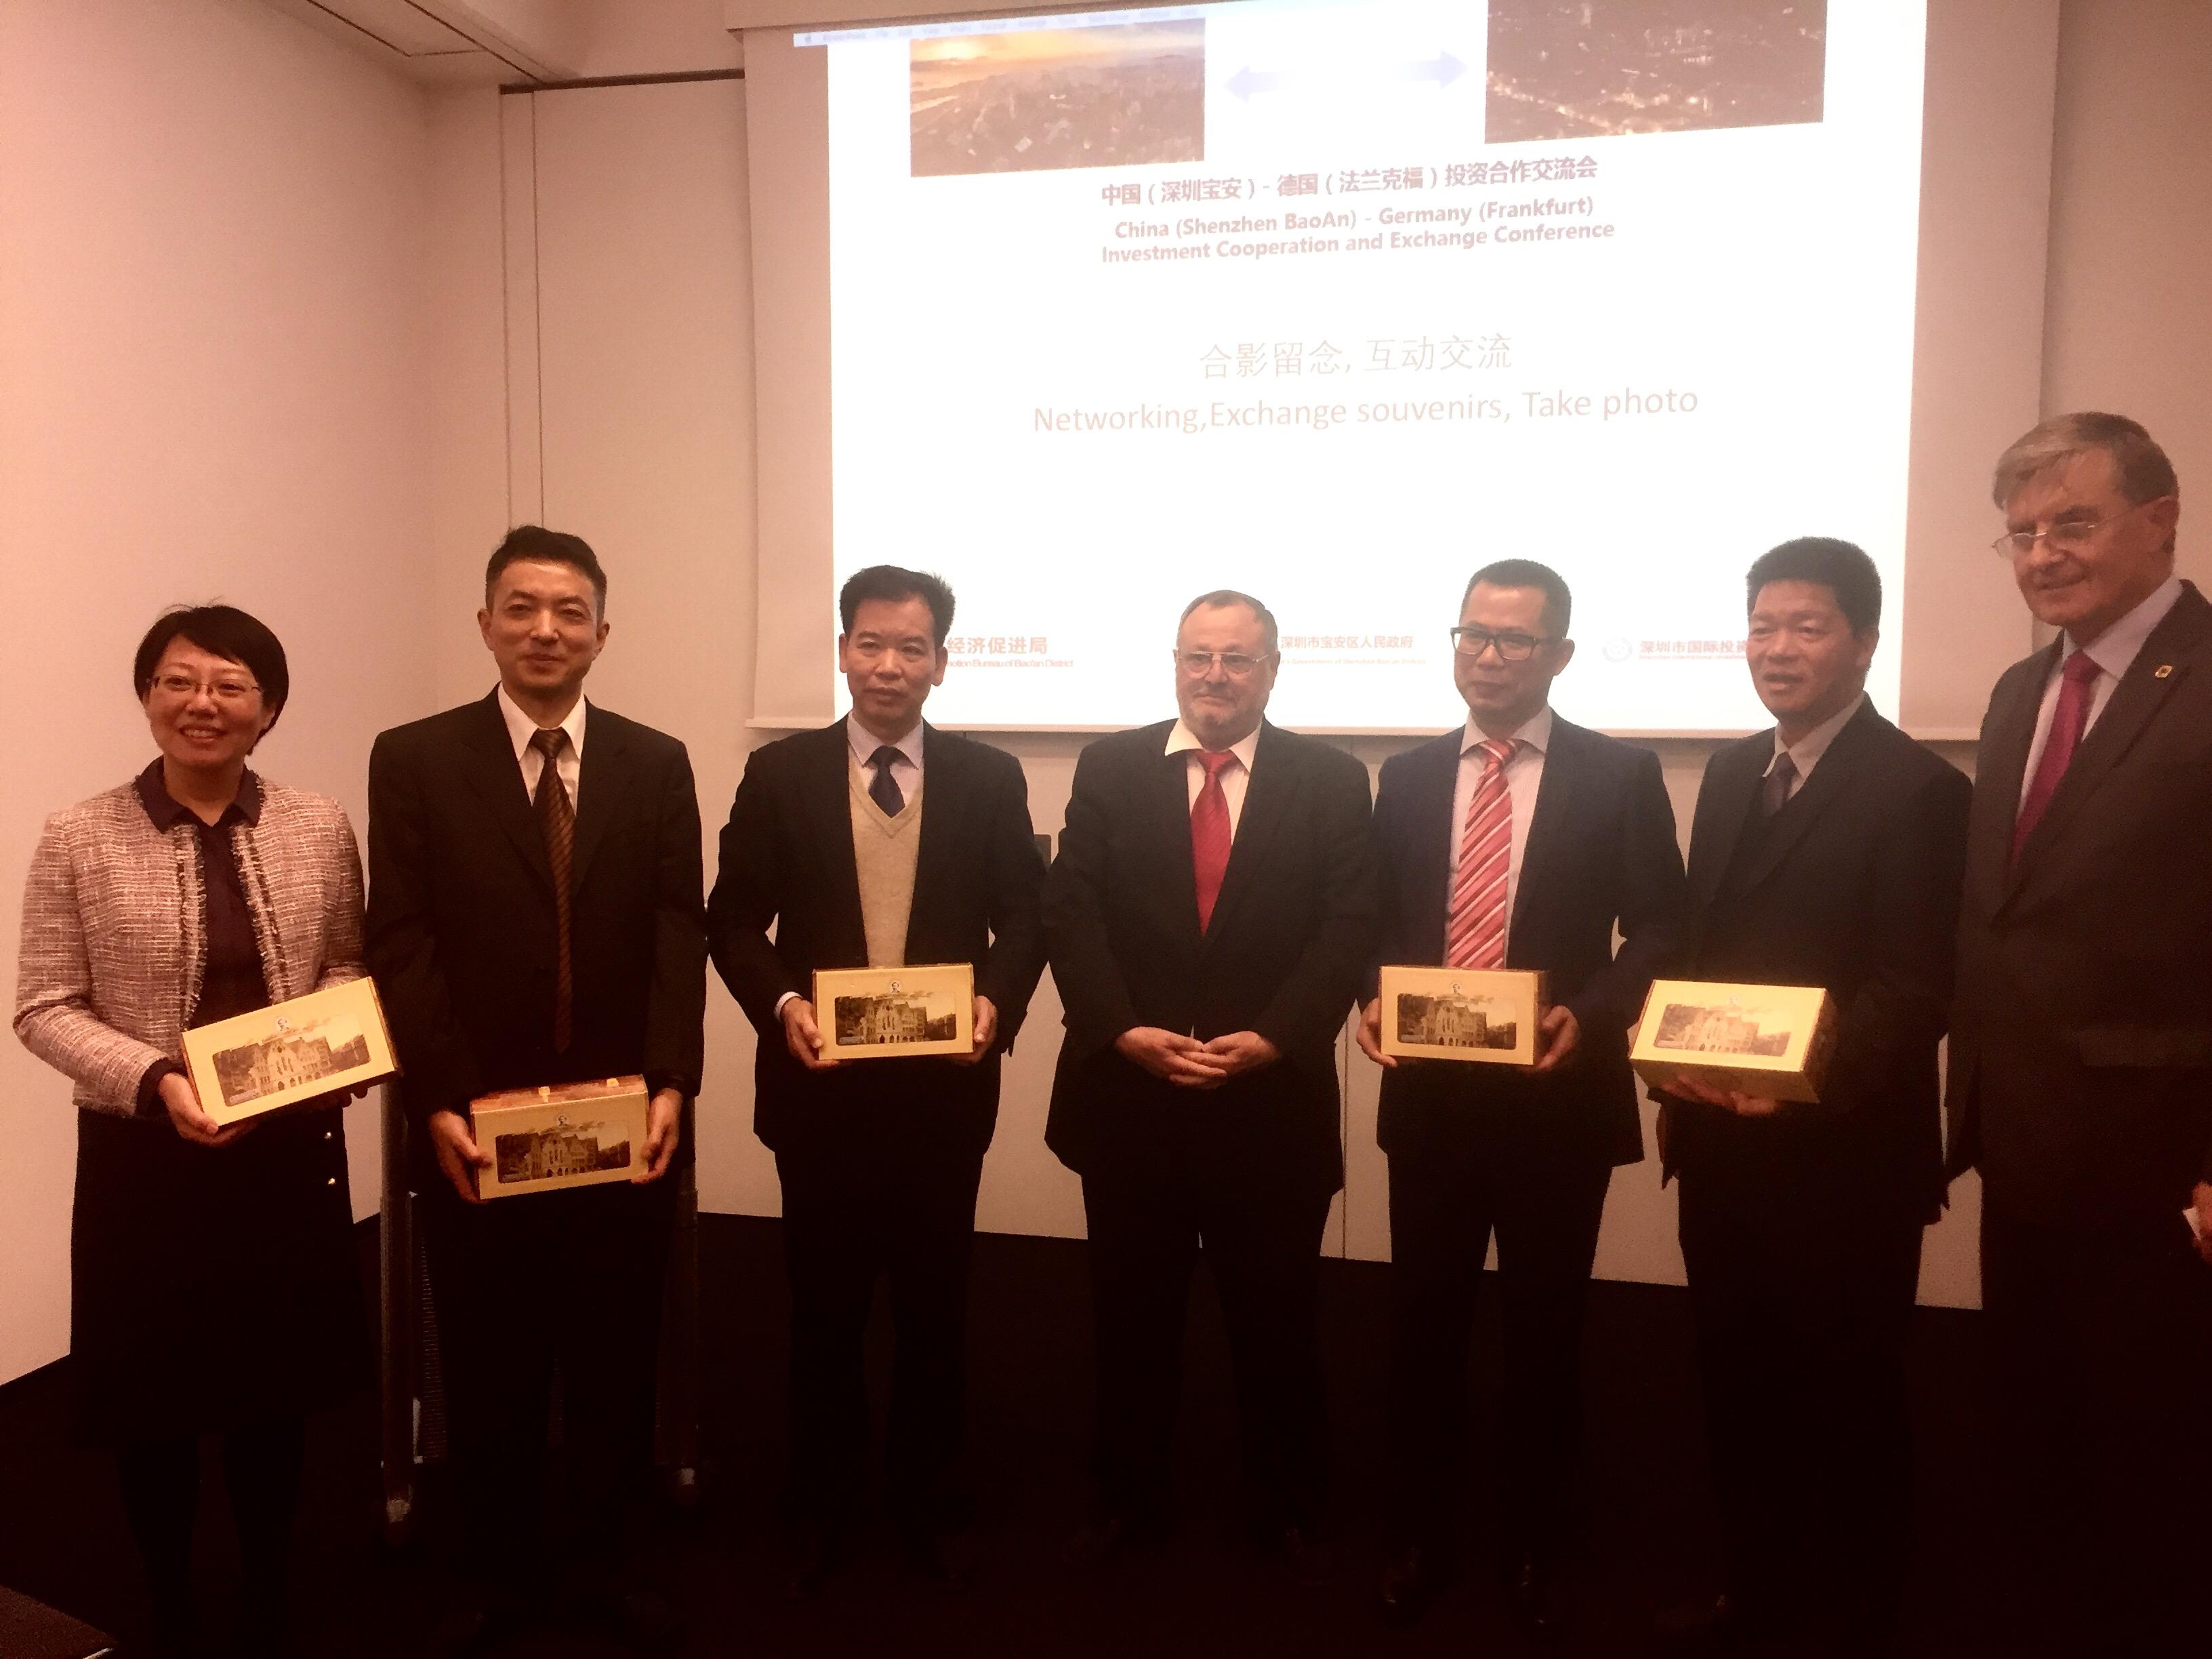 Von links: Direktorin XU Xiaoli, Direktor SU, Dir. PENG Maofa, Präs. Dittmann, Vize-Präs. ZHU, Dir. WIE Shuqiang und Dr. Borchmann